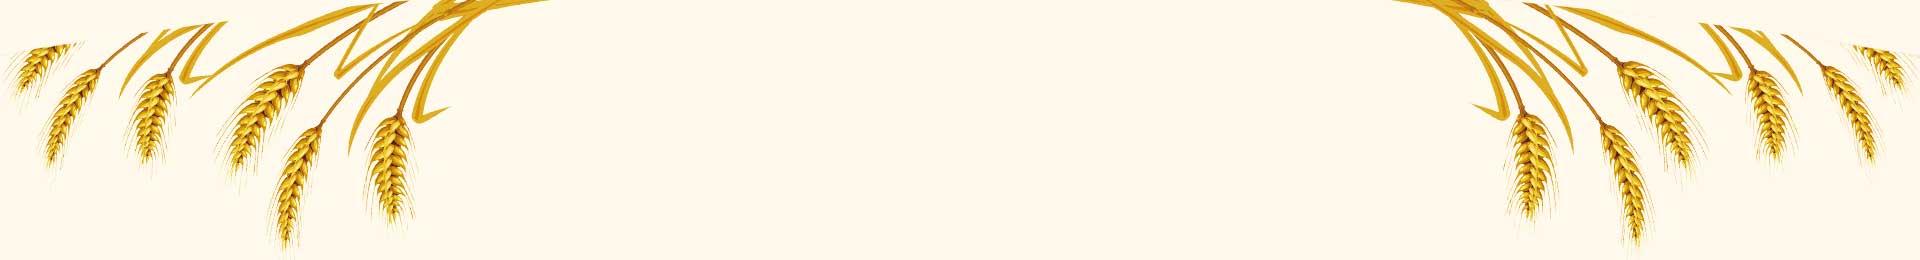 銀川面包|銀川面包廠家